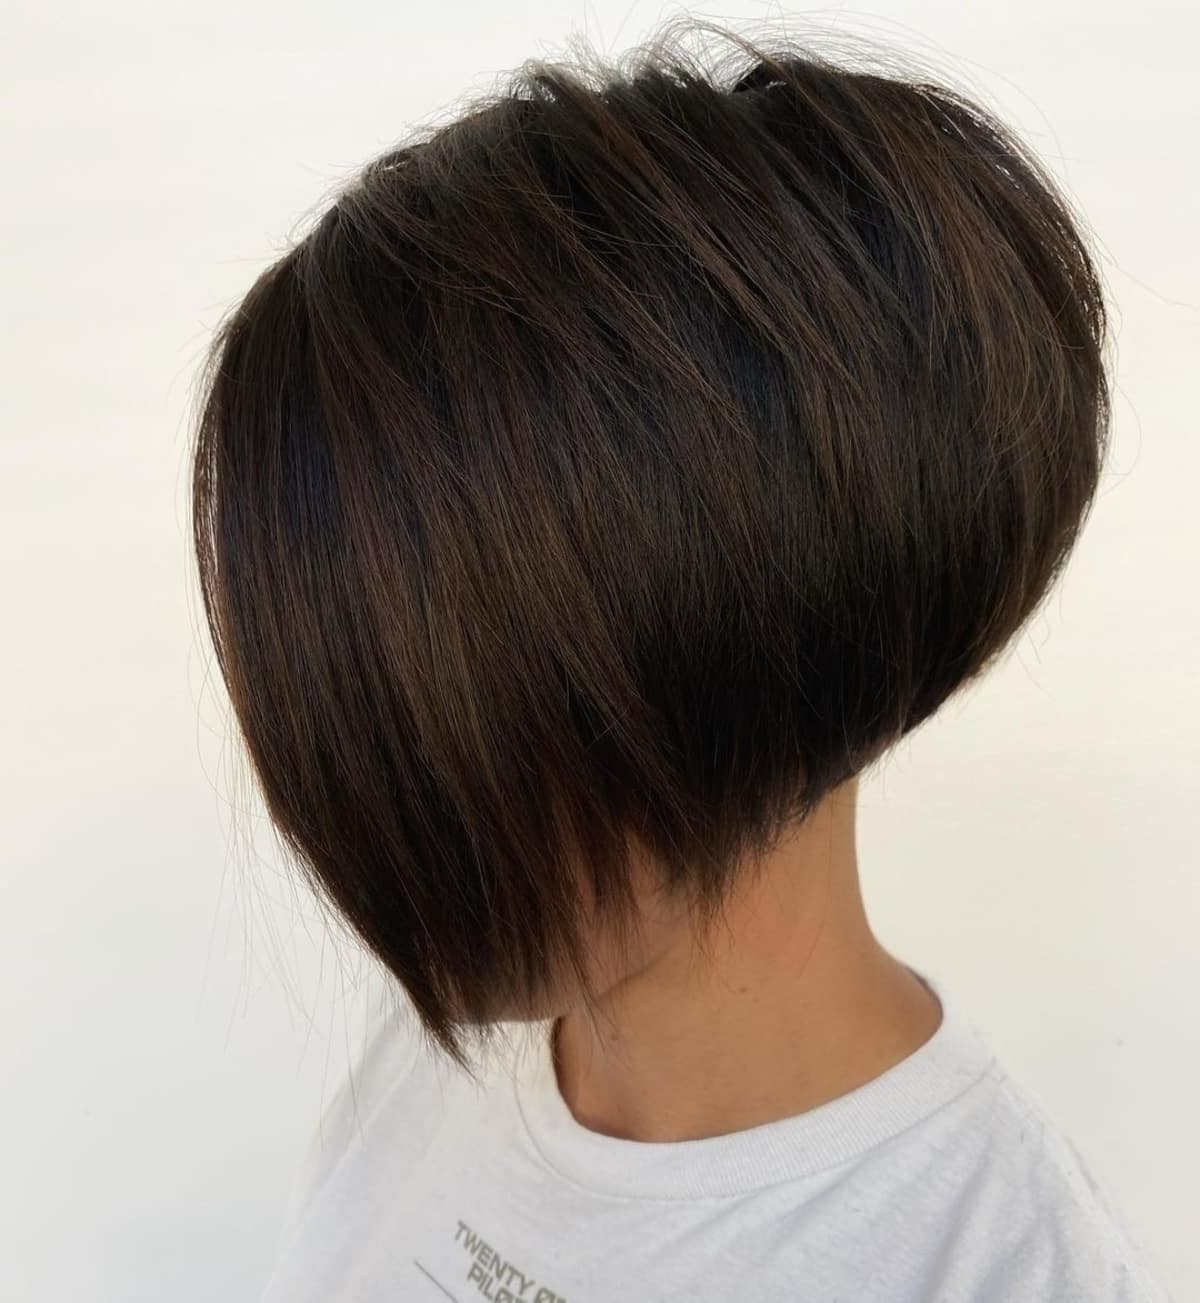 21 Super-Hot Short, Stacked Bob Haircuts